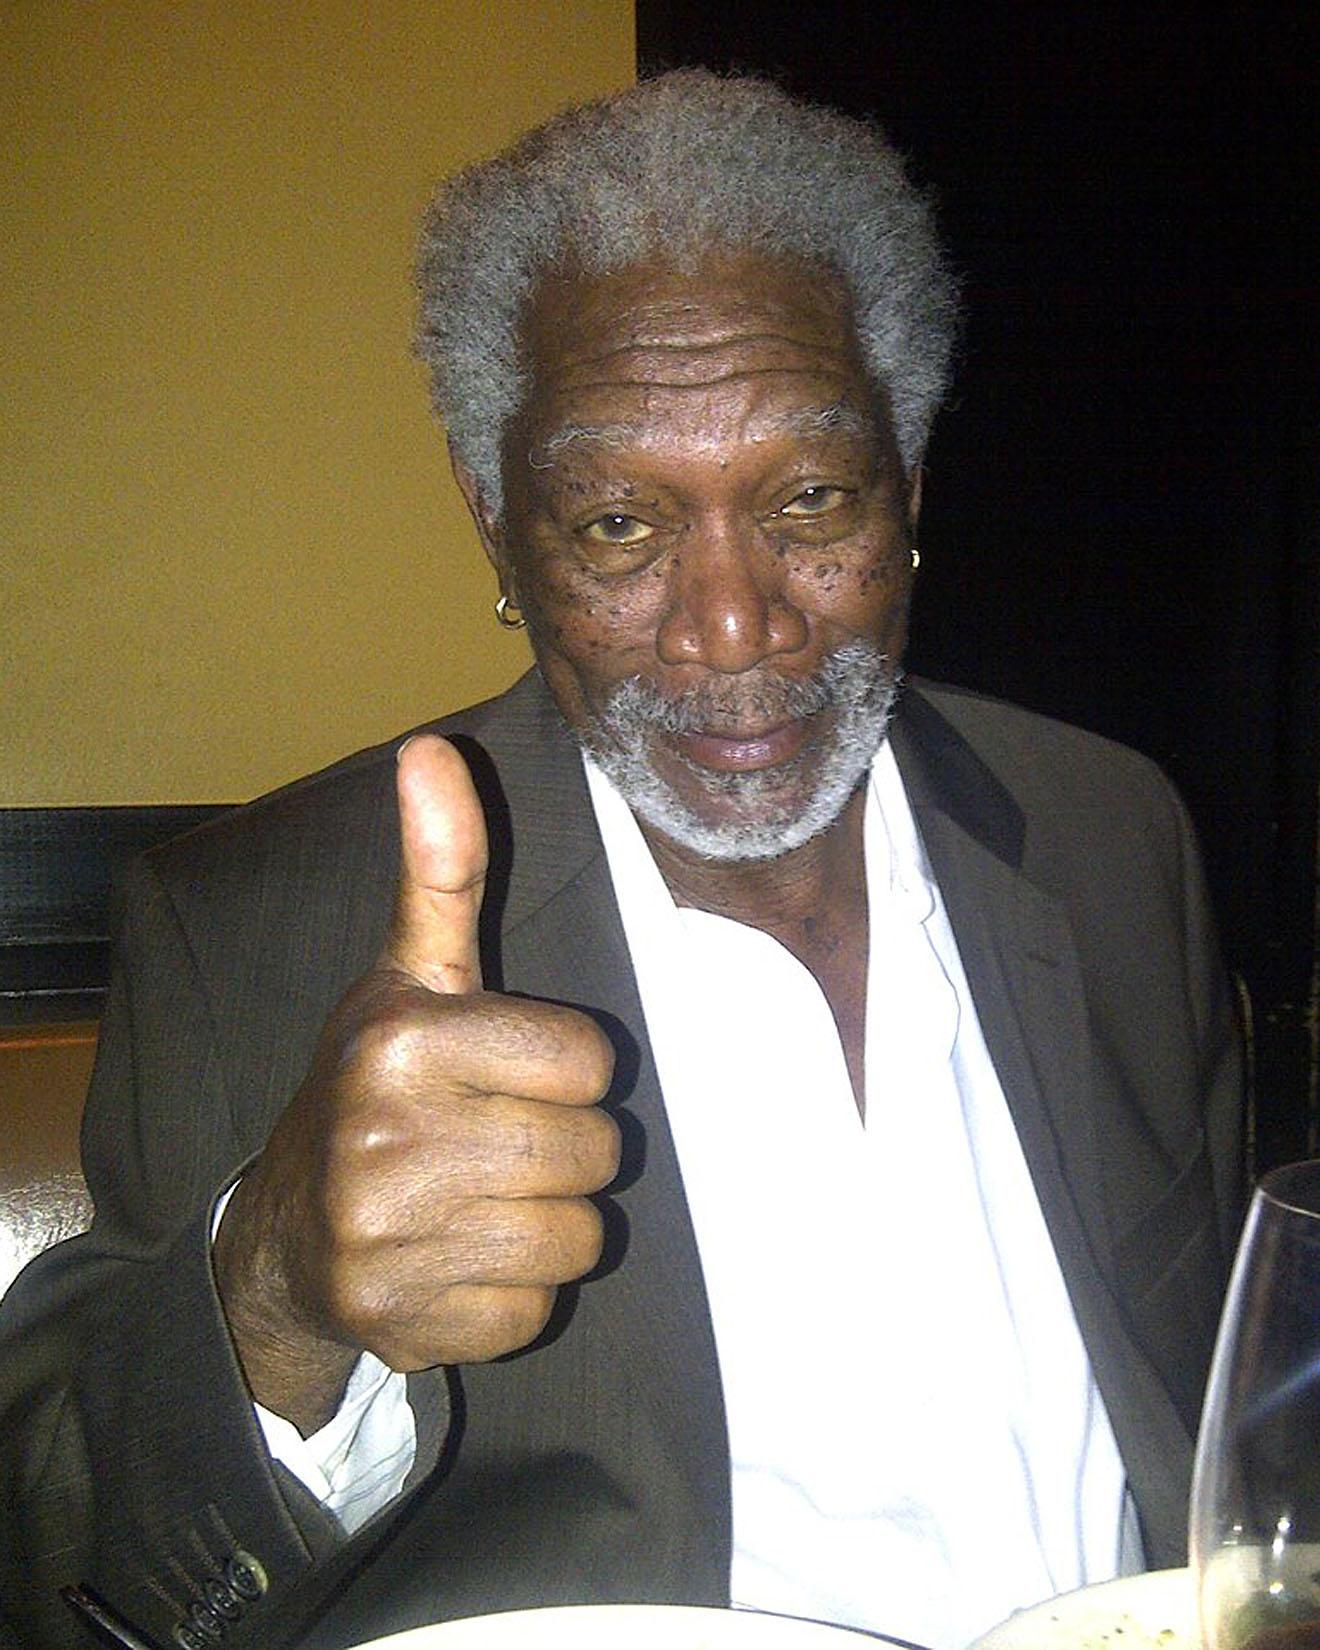 Nach dem Interview ist Morgan Freeman immer noch müde, aber gut drauf.